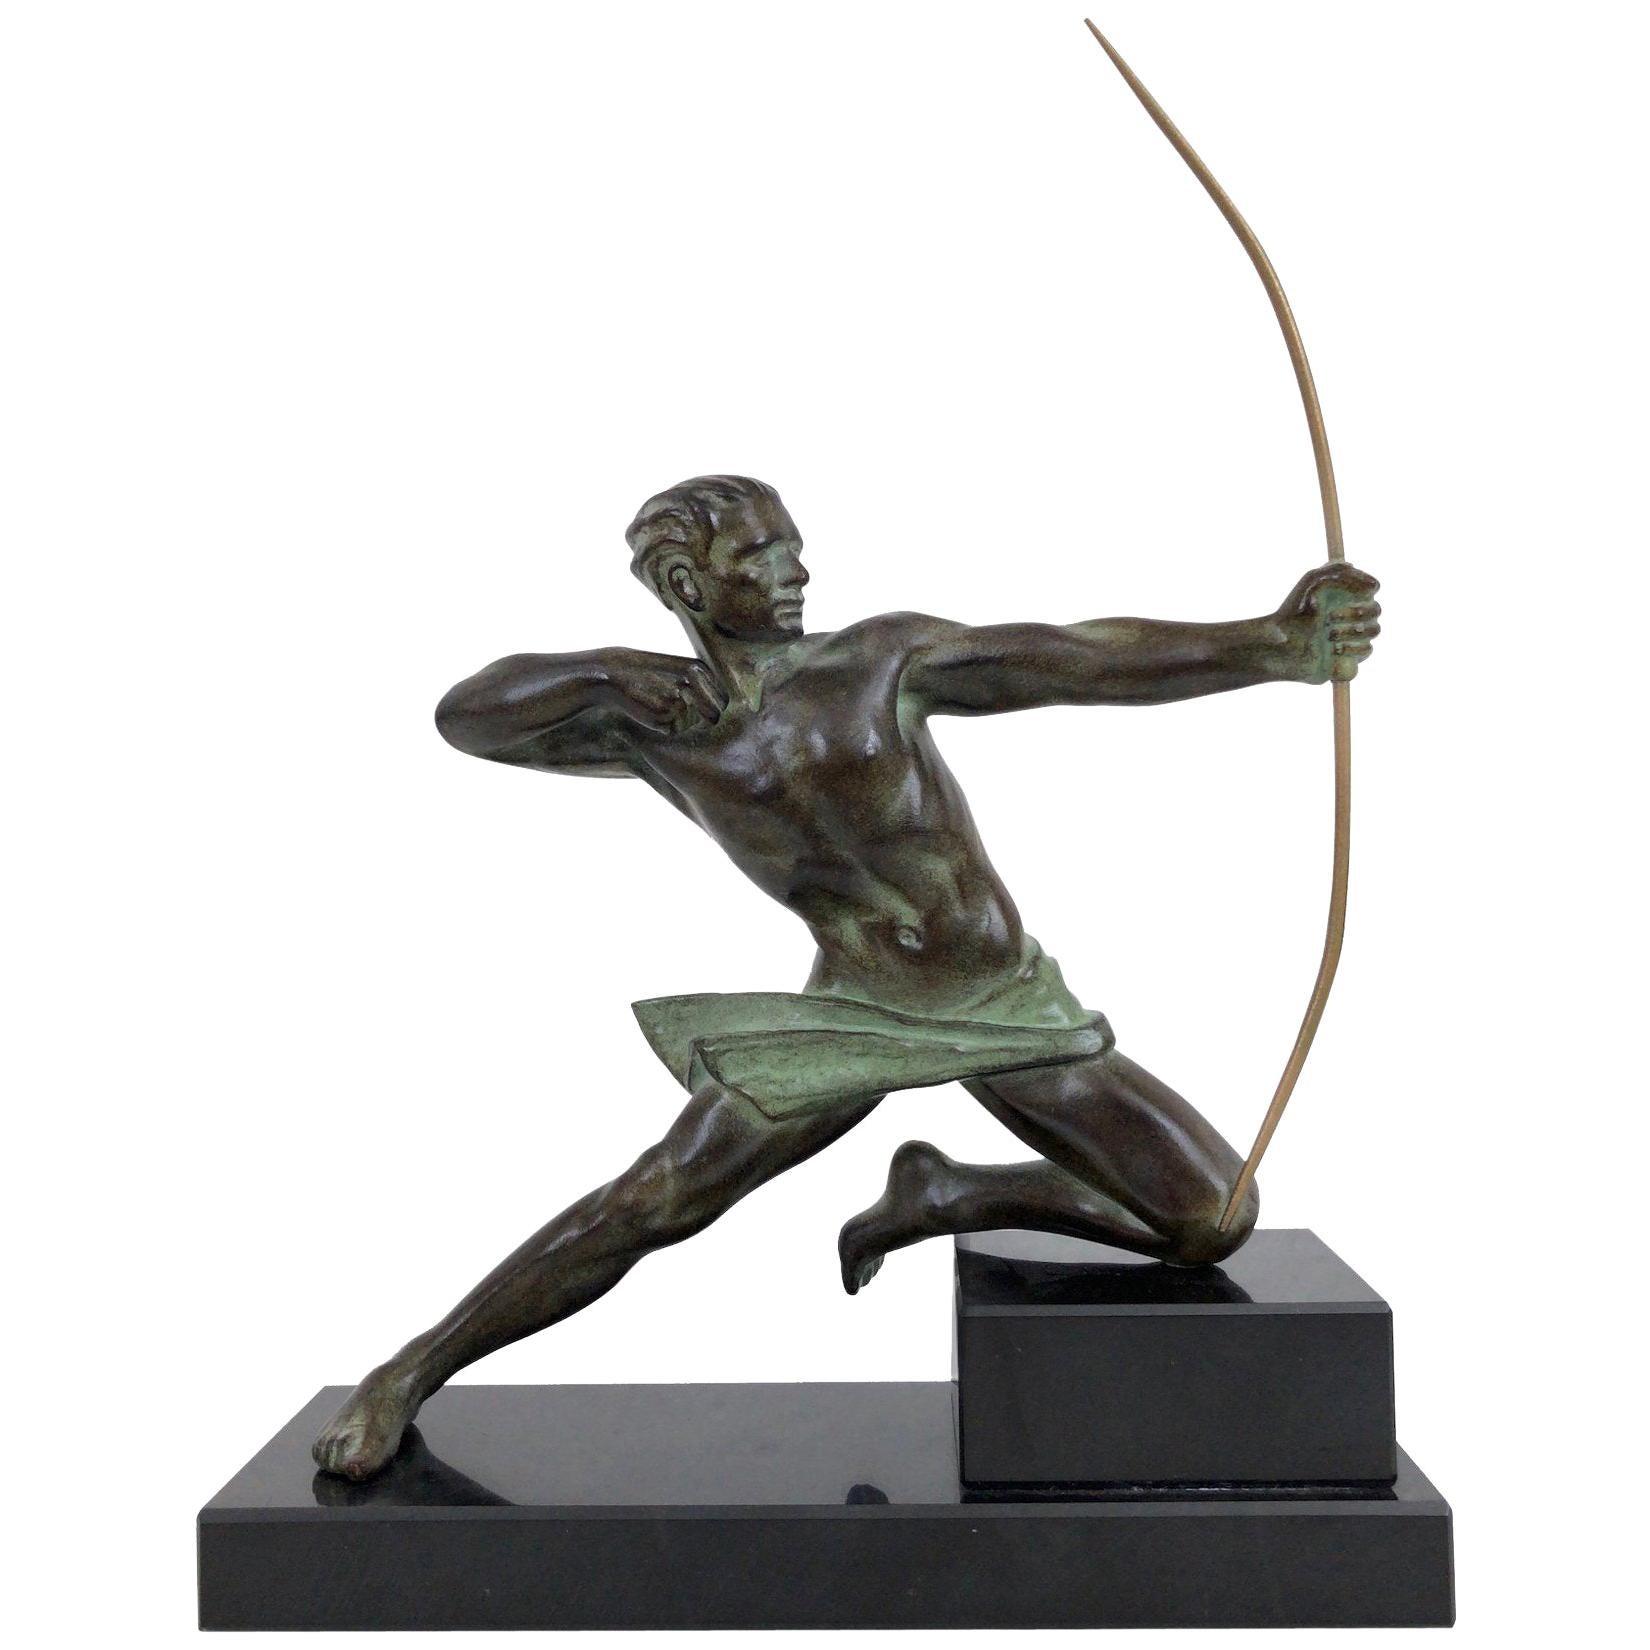 Spartiate by Max Le Verrier Spartan Archer Warrior Sculpture in Spelter